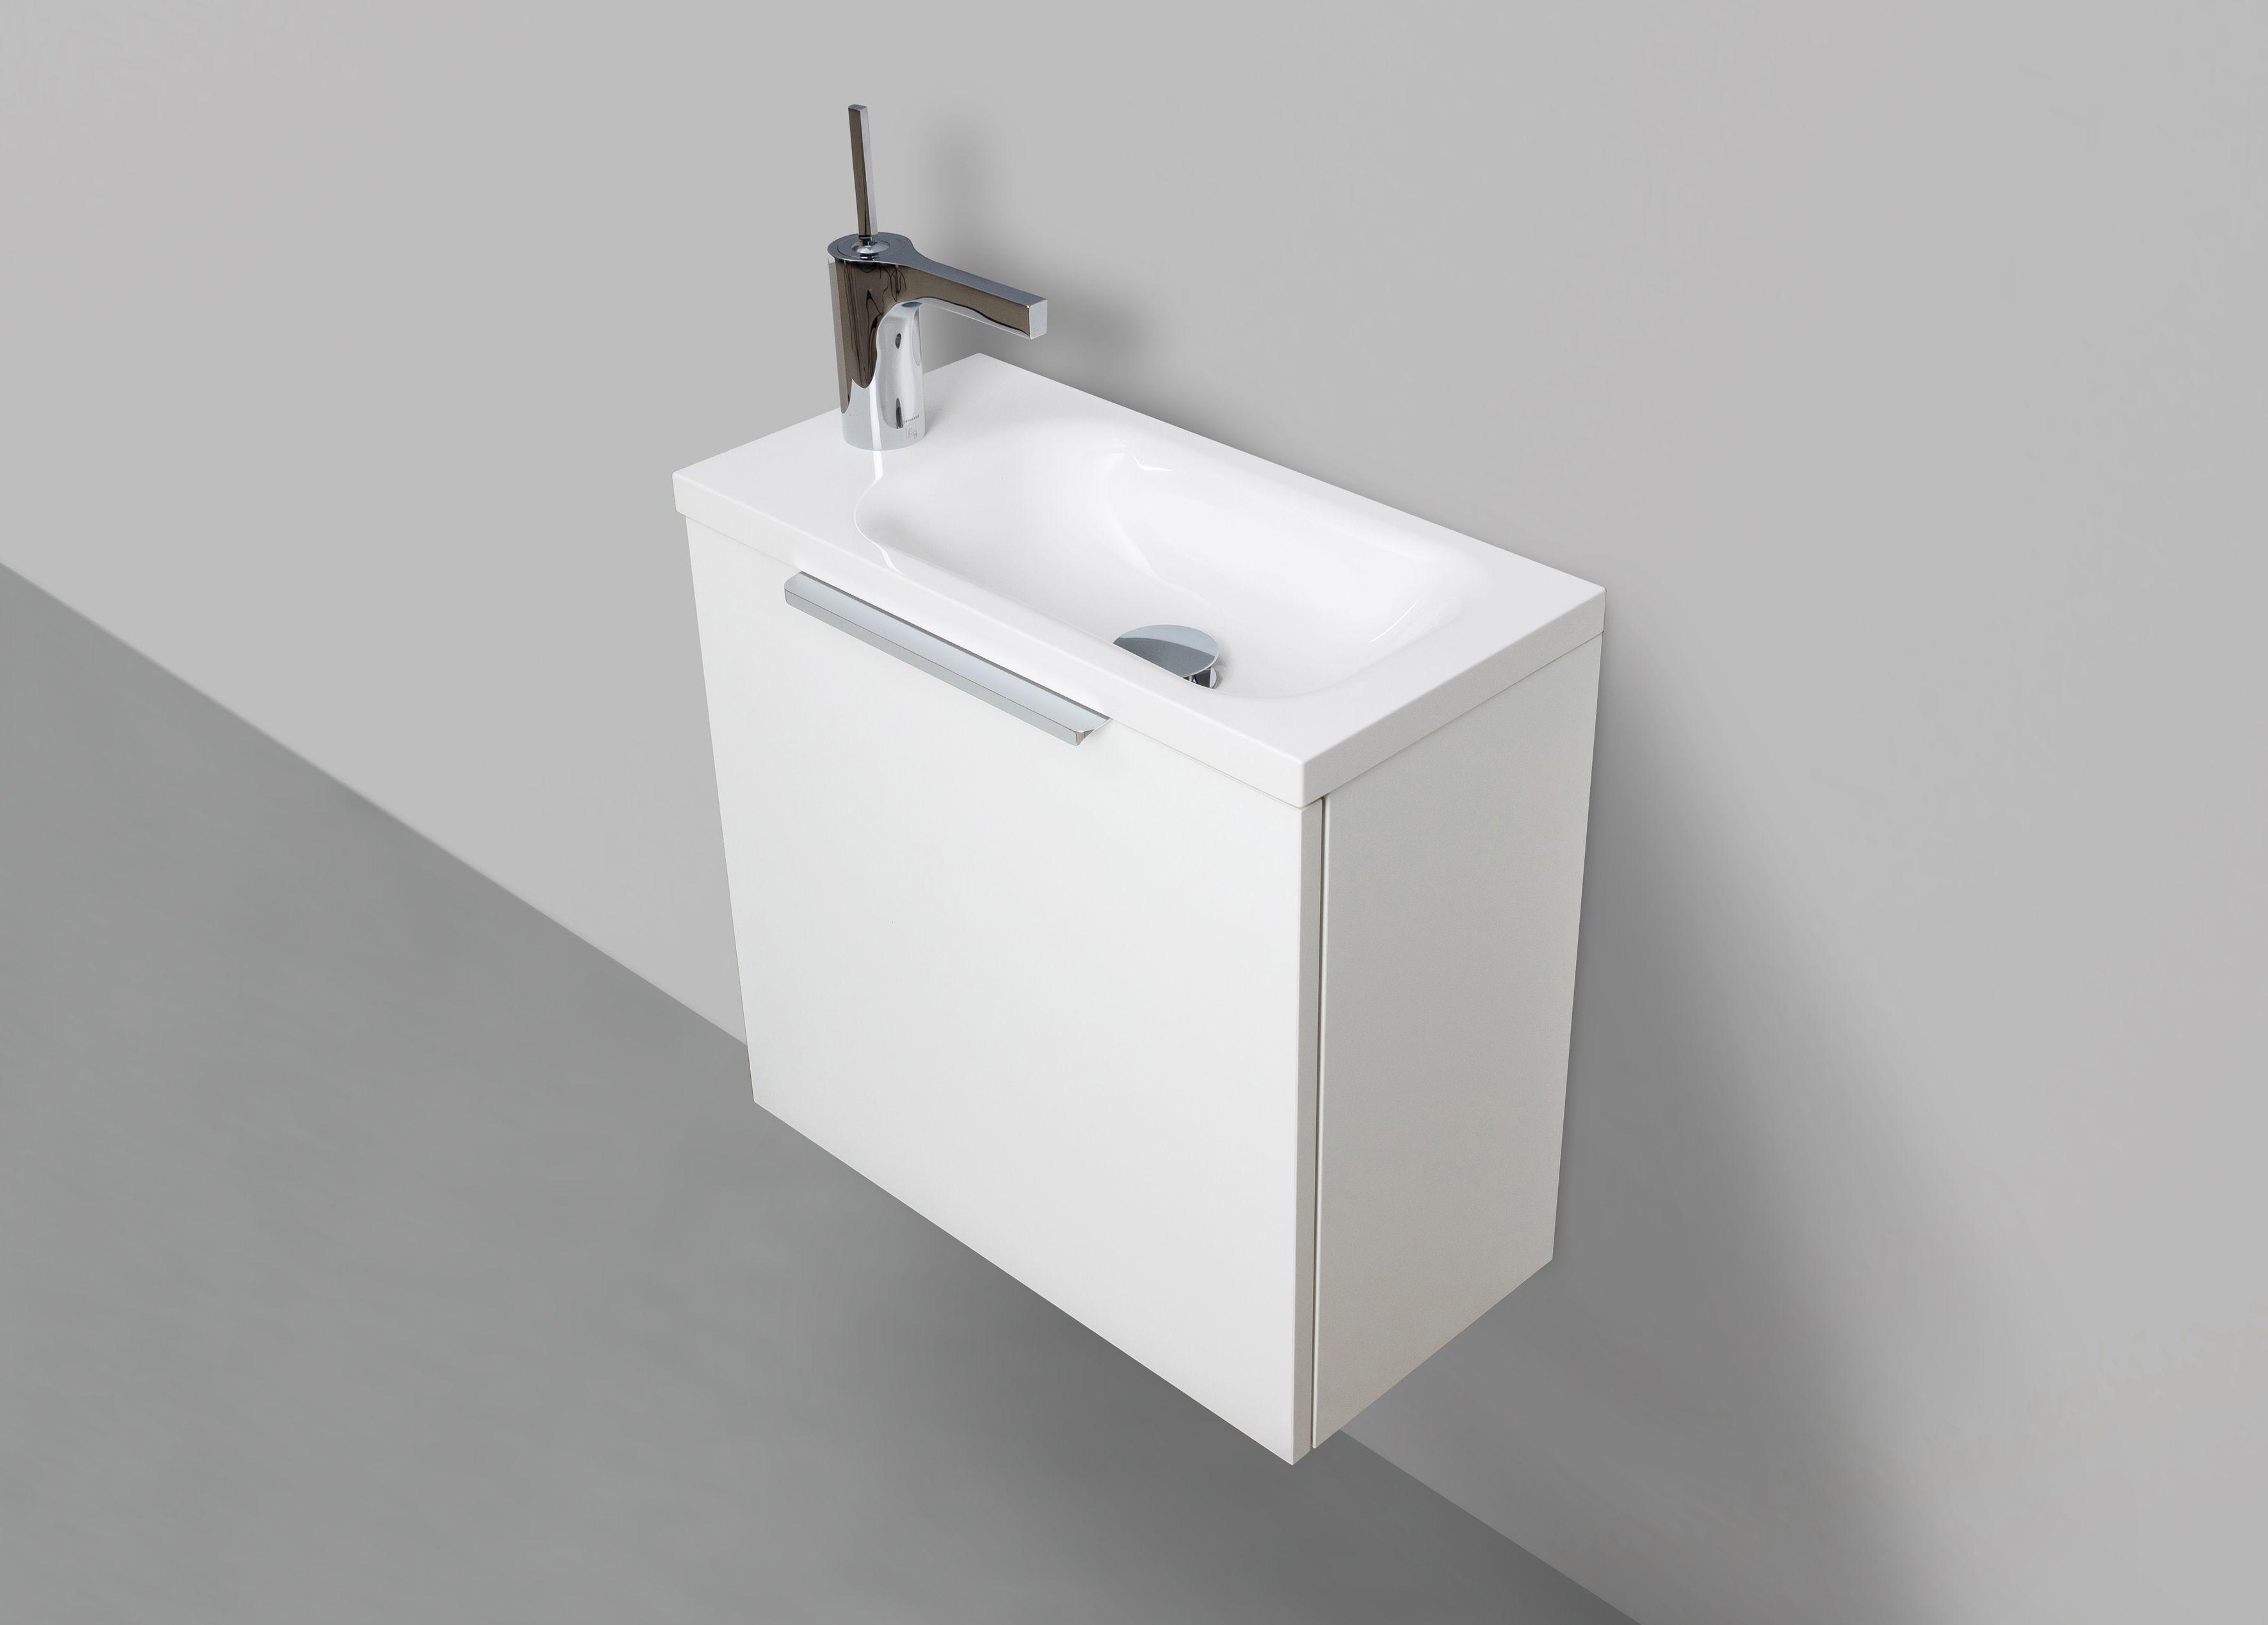 Gastebad Rimini 50 Cm Waschtisch Mit Unterschrank Weiss Hg Waschtisch Unterschrank Und Mineralguss Waschtisch